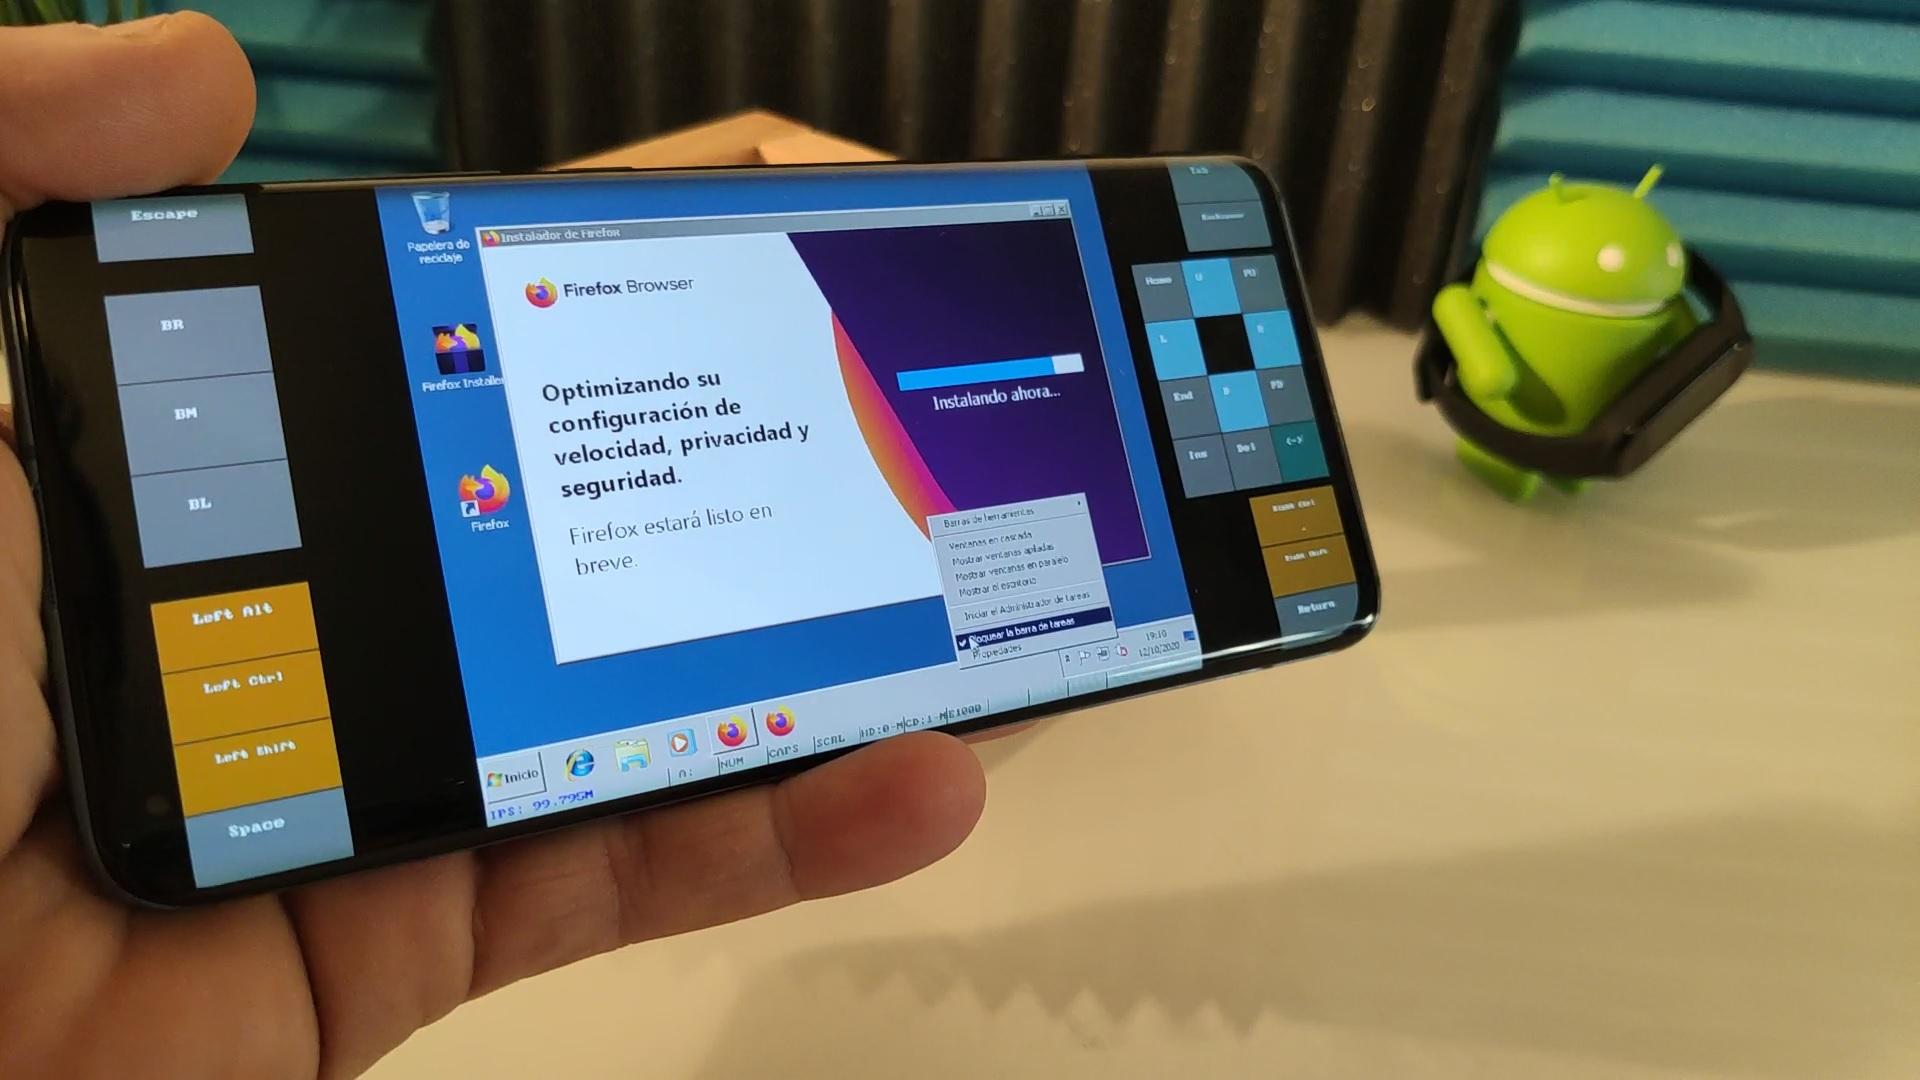 instalar windows en android